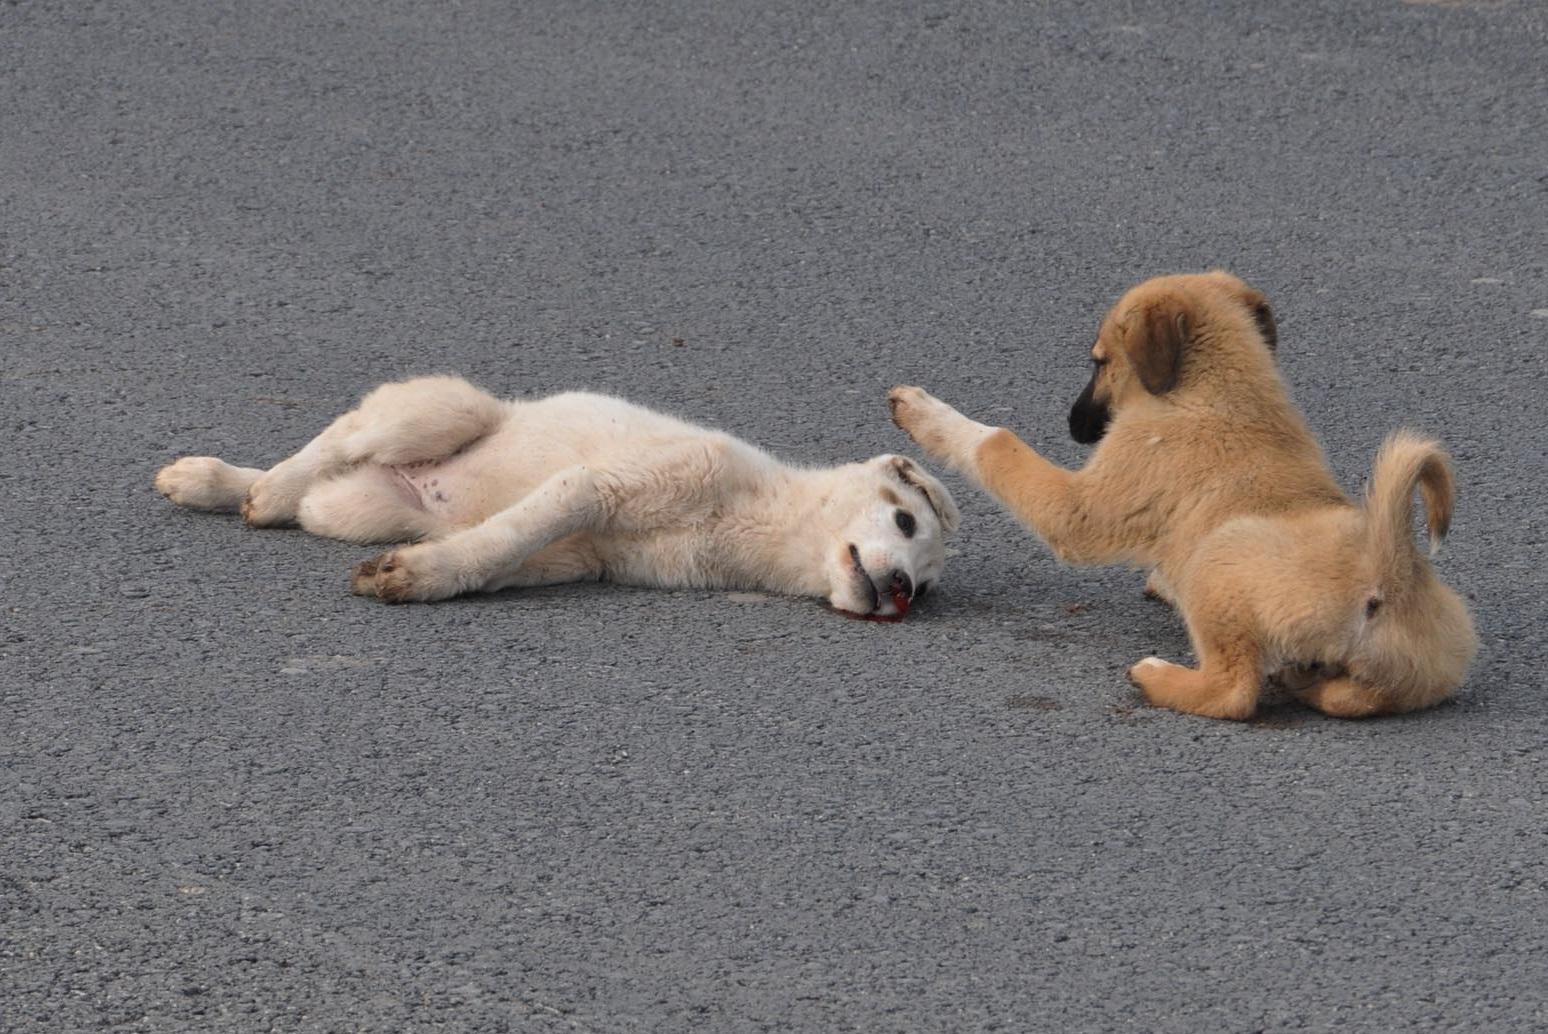 گفتگو با گردانندهی صفحهی واگذاری رایگان حیوانات خانگی در اینستاگرام/ سیاوش خرمگاه